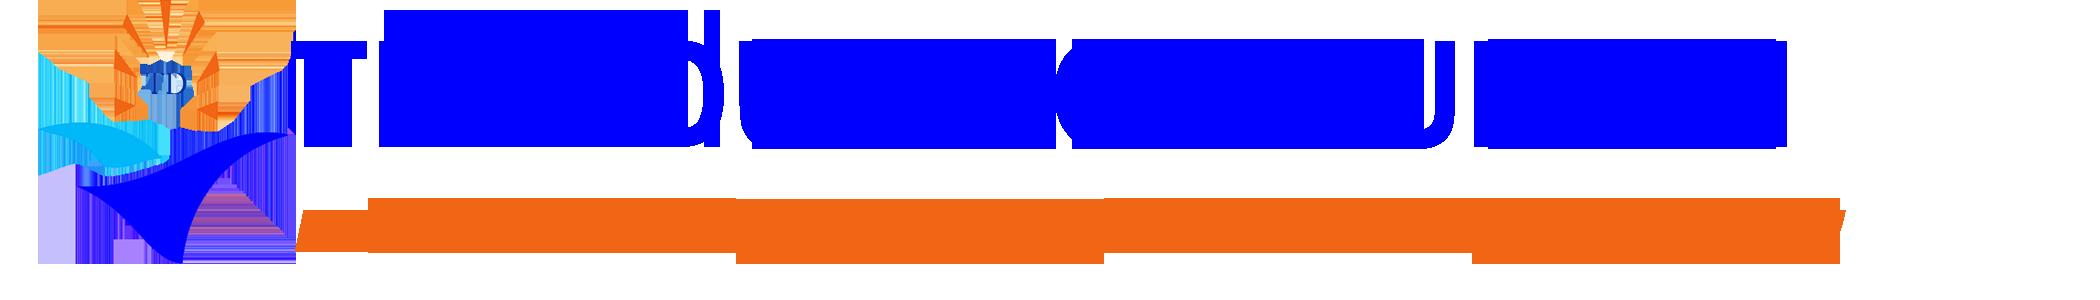 Dịch vụ thuê xe đi Mộc Bài | Thái Dương Tourism